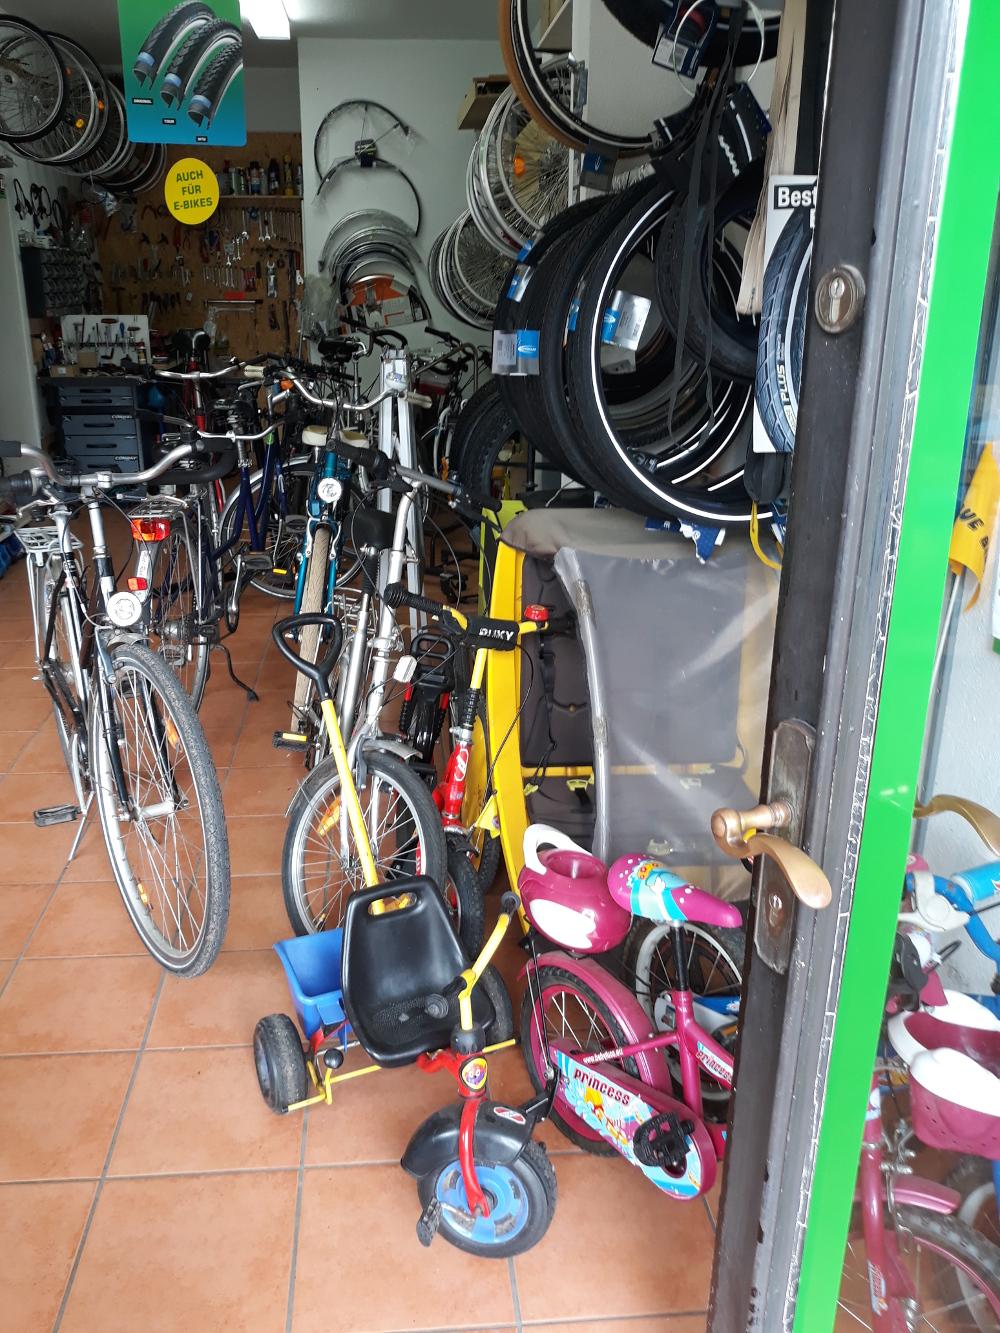 mannis fahrrad laden bad malente fahrr der e bikes. Black Bedroom Furniture Sets. Home Design Ideas